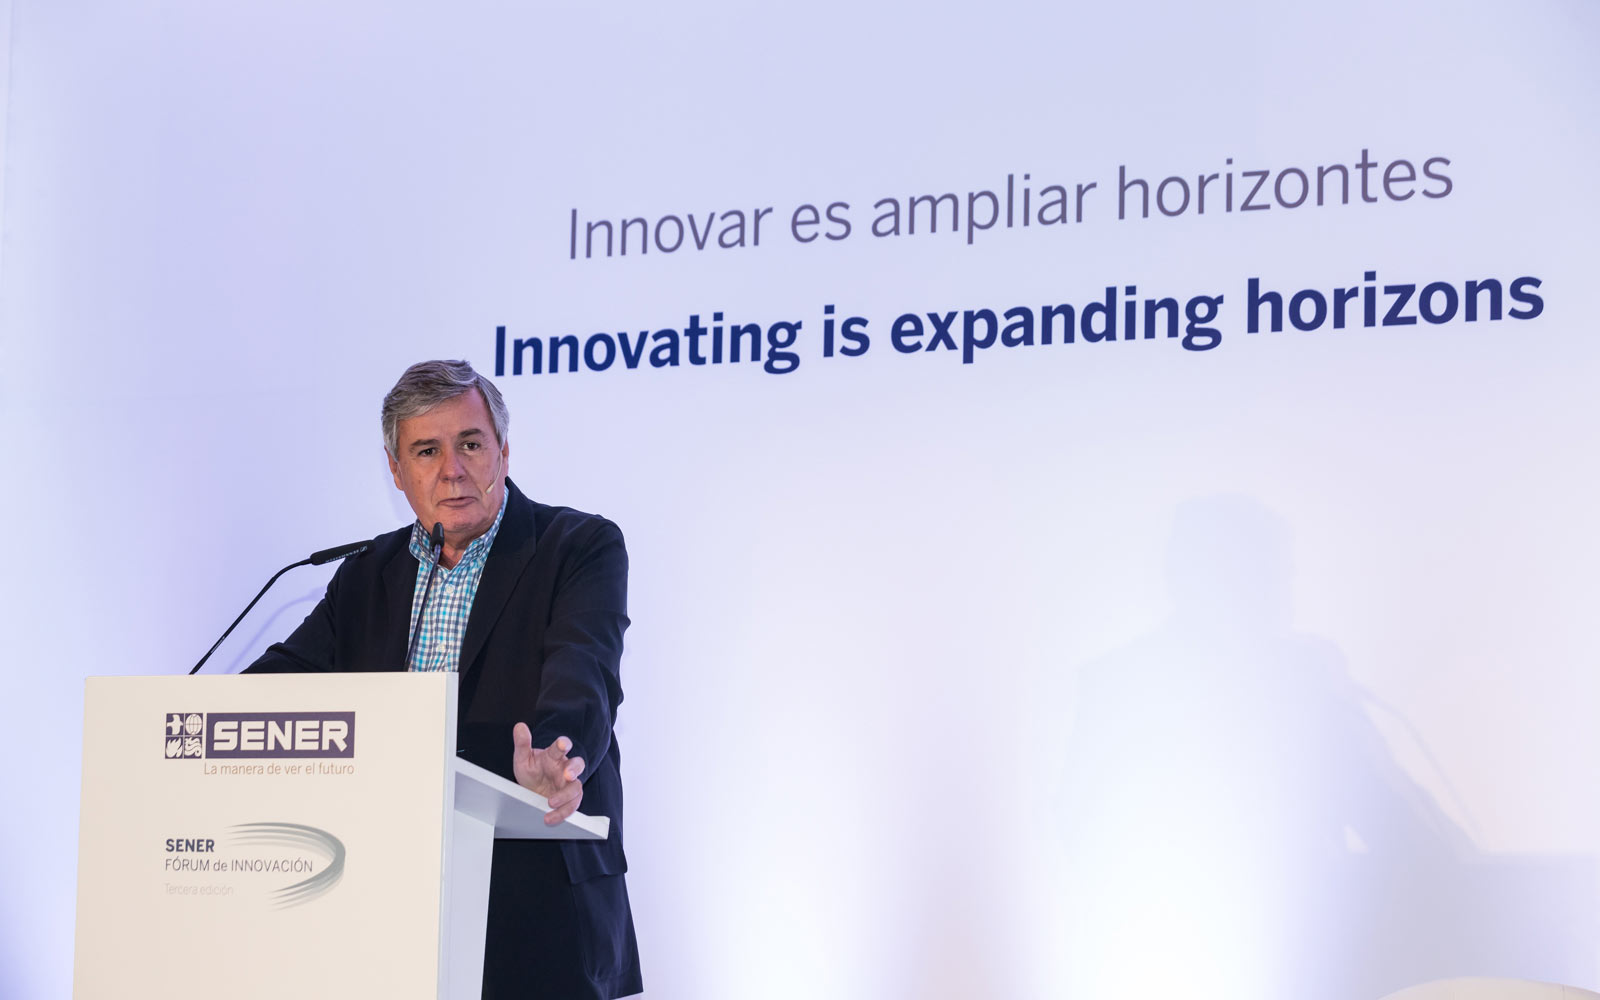 http://prod-plat-senerv3.yunbit.es/ecm-images/3-Forum-a-la-innovacin